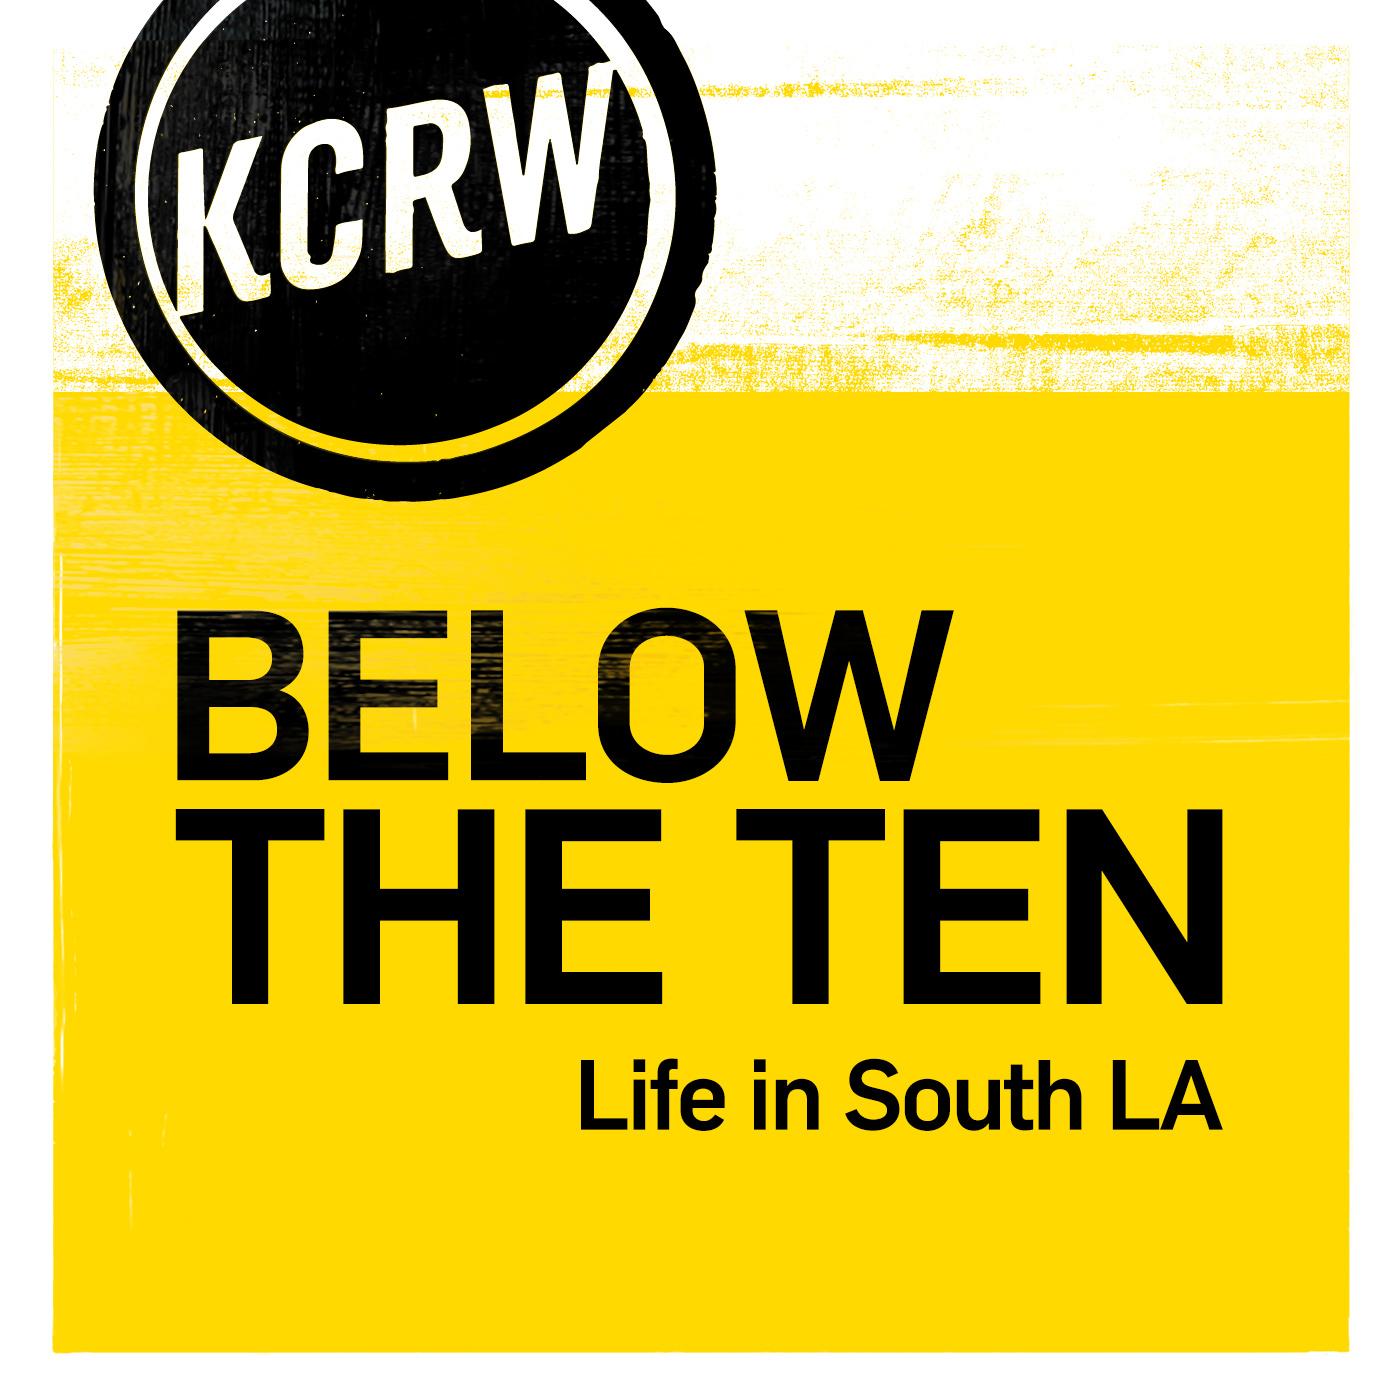 KCRW's Below The Ten: Life in South LA